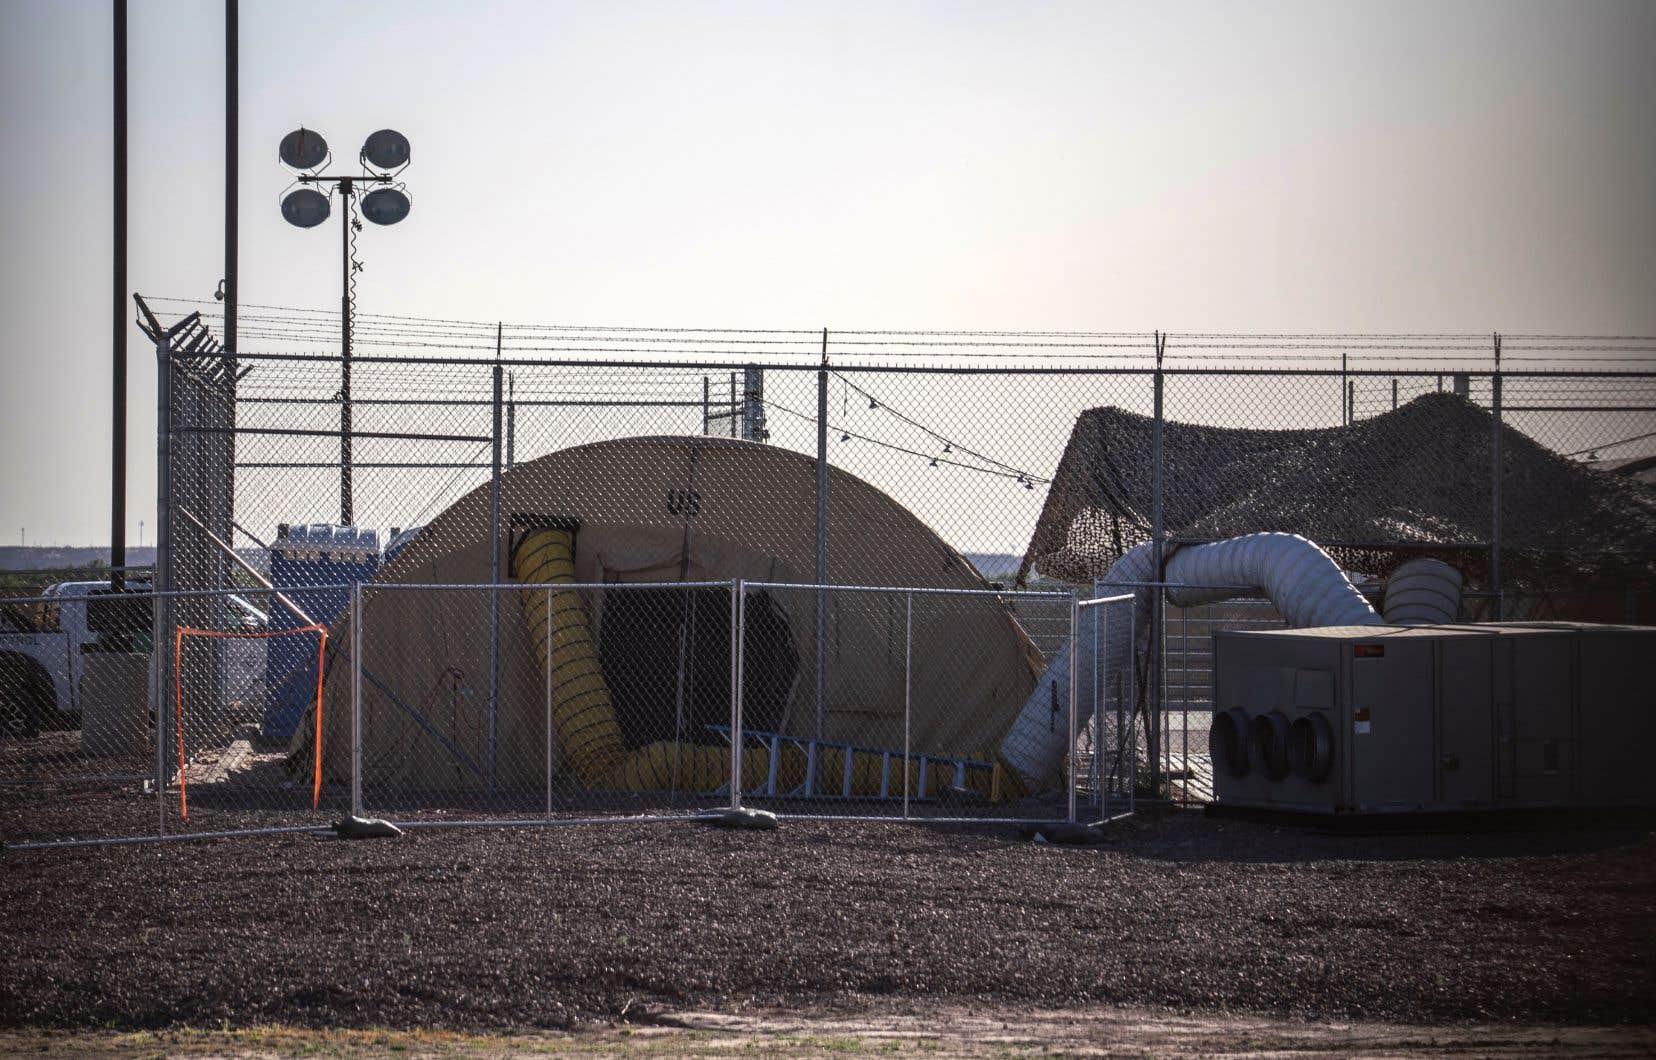 Le centre de rétention de Clint, au Texas, a été vidé lundi de la majorité de ses détenus et 249 enfants devaient «être placés sous la garde» du ministère de la Santé.